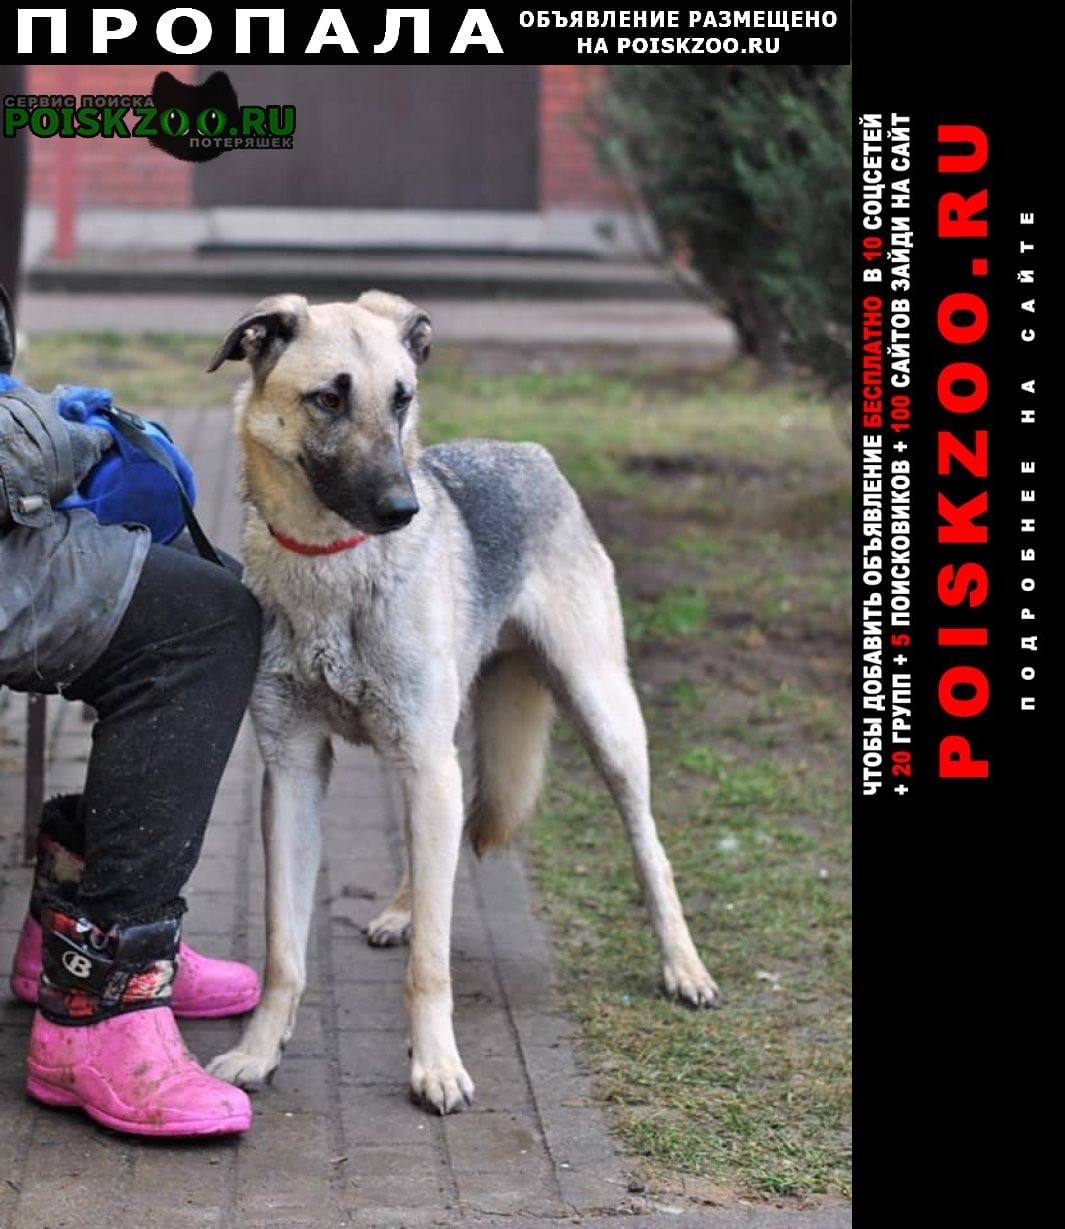 Владивосток Пропала собака